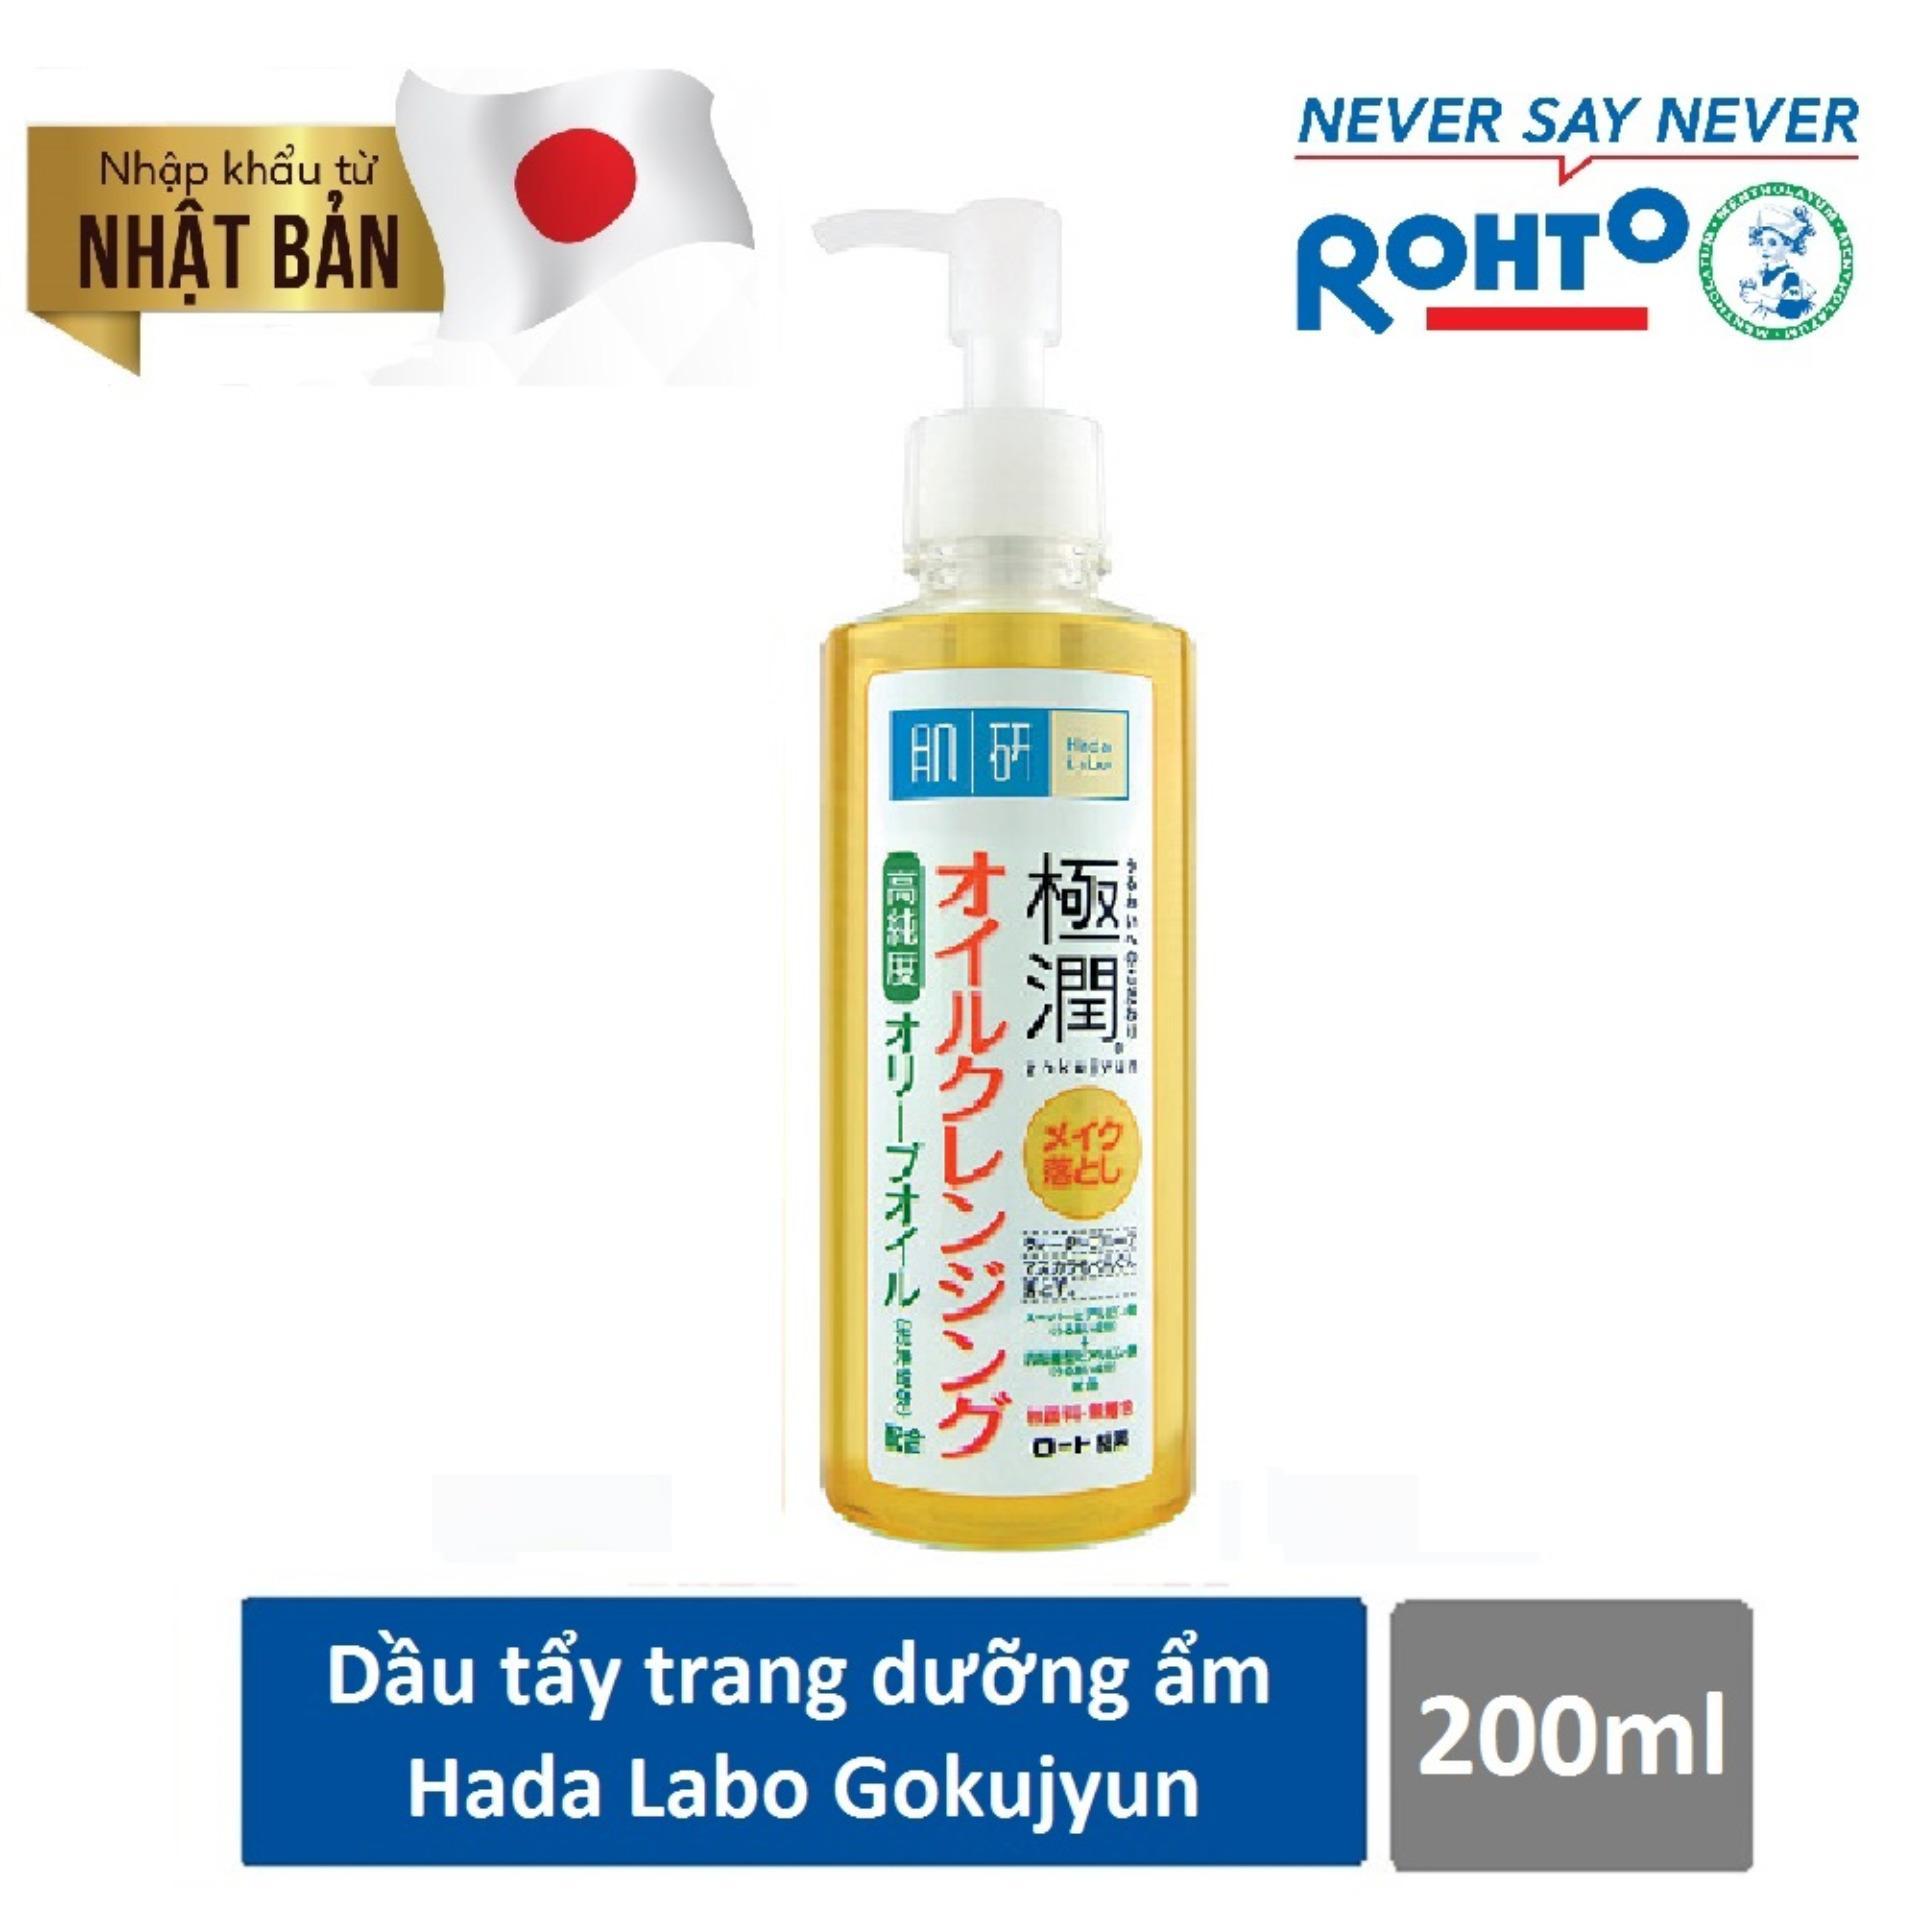 Dầu tẩy trang dưỡng ẩm Hada Labo Gokujyun Cleansing Oil 200ml ( Nhập khẩu từ Nhật Bản)